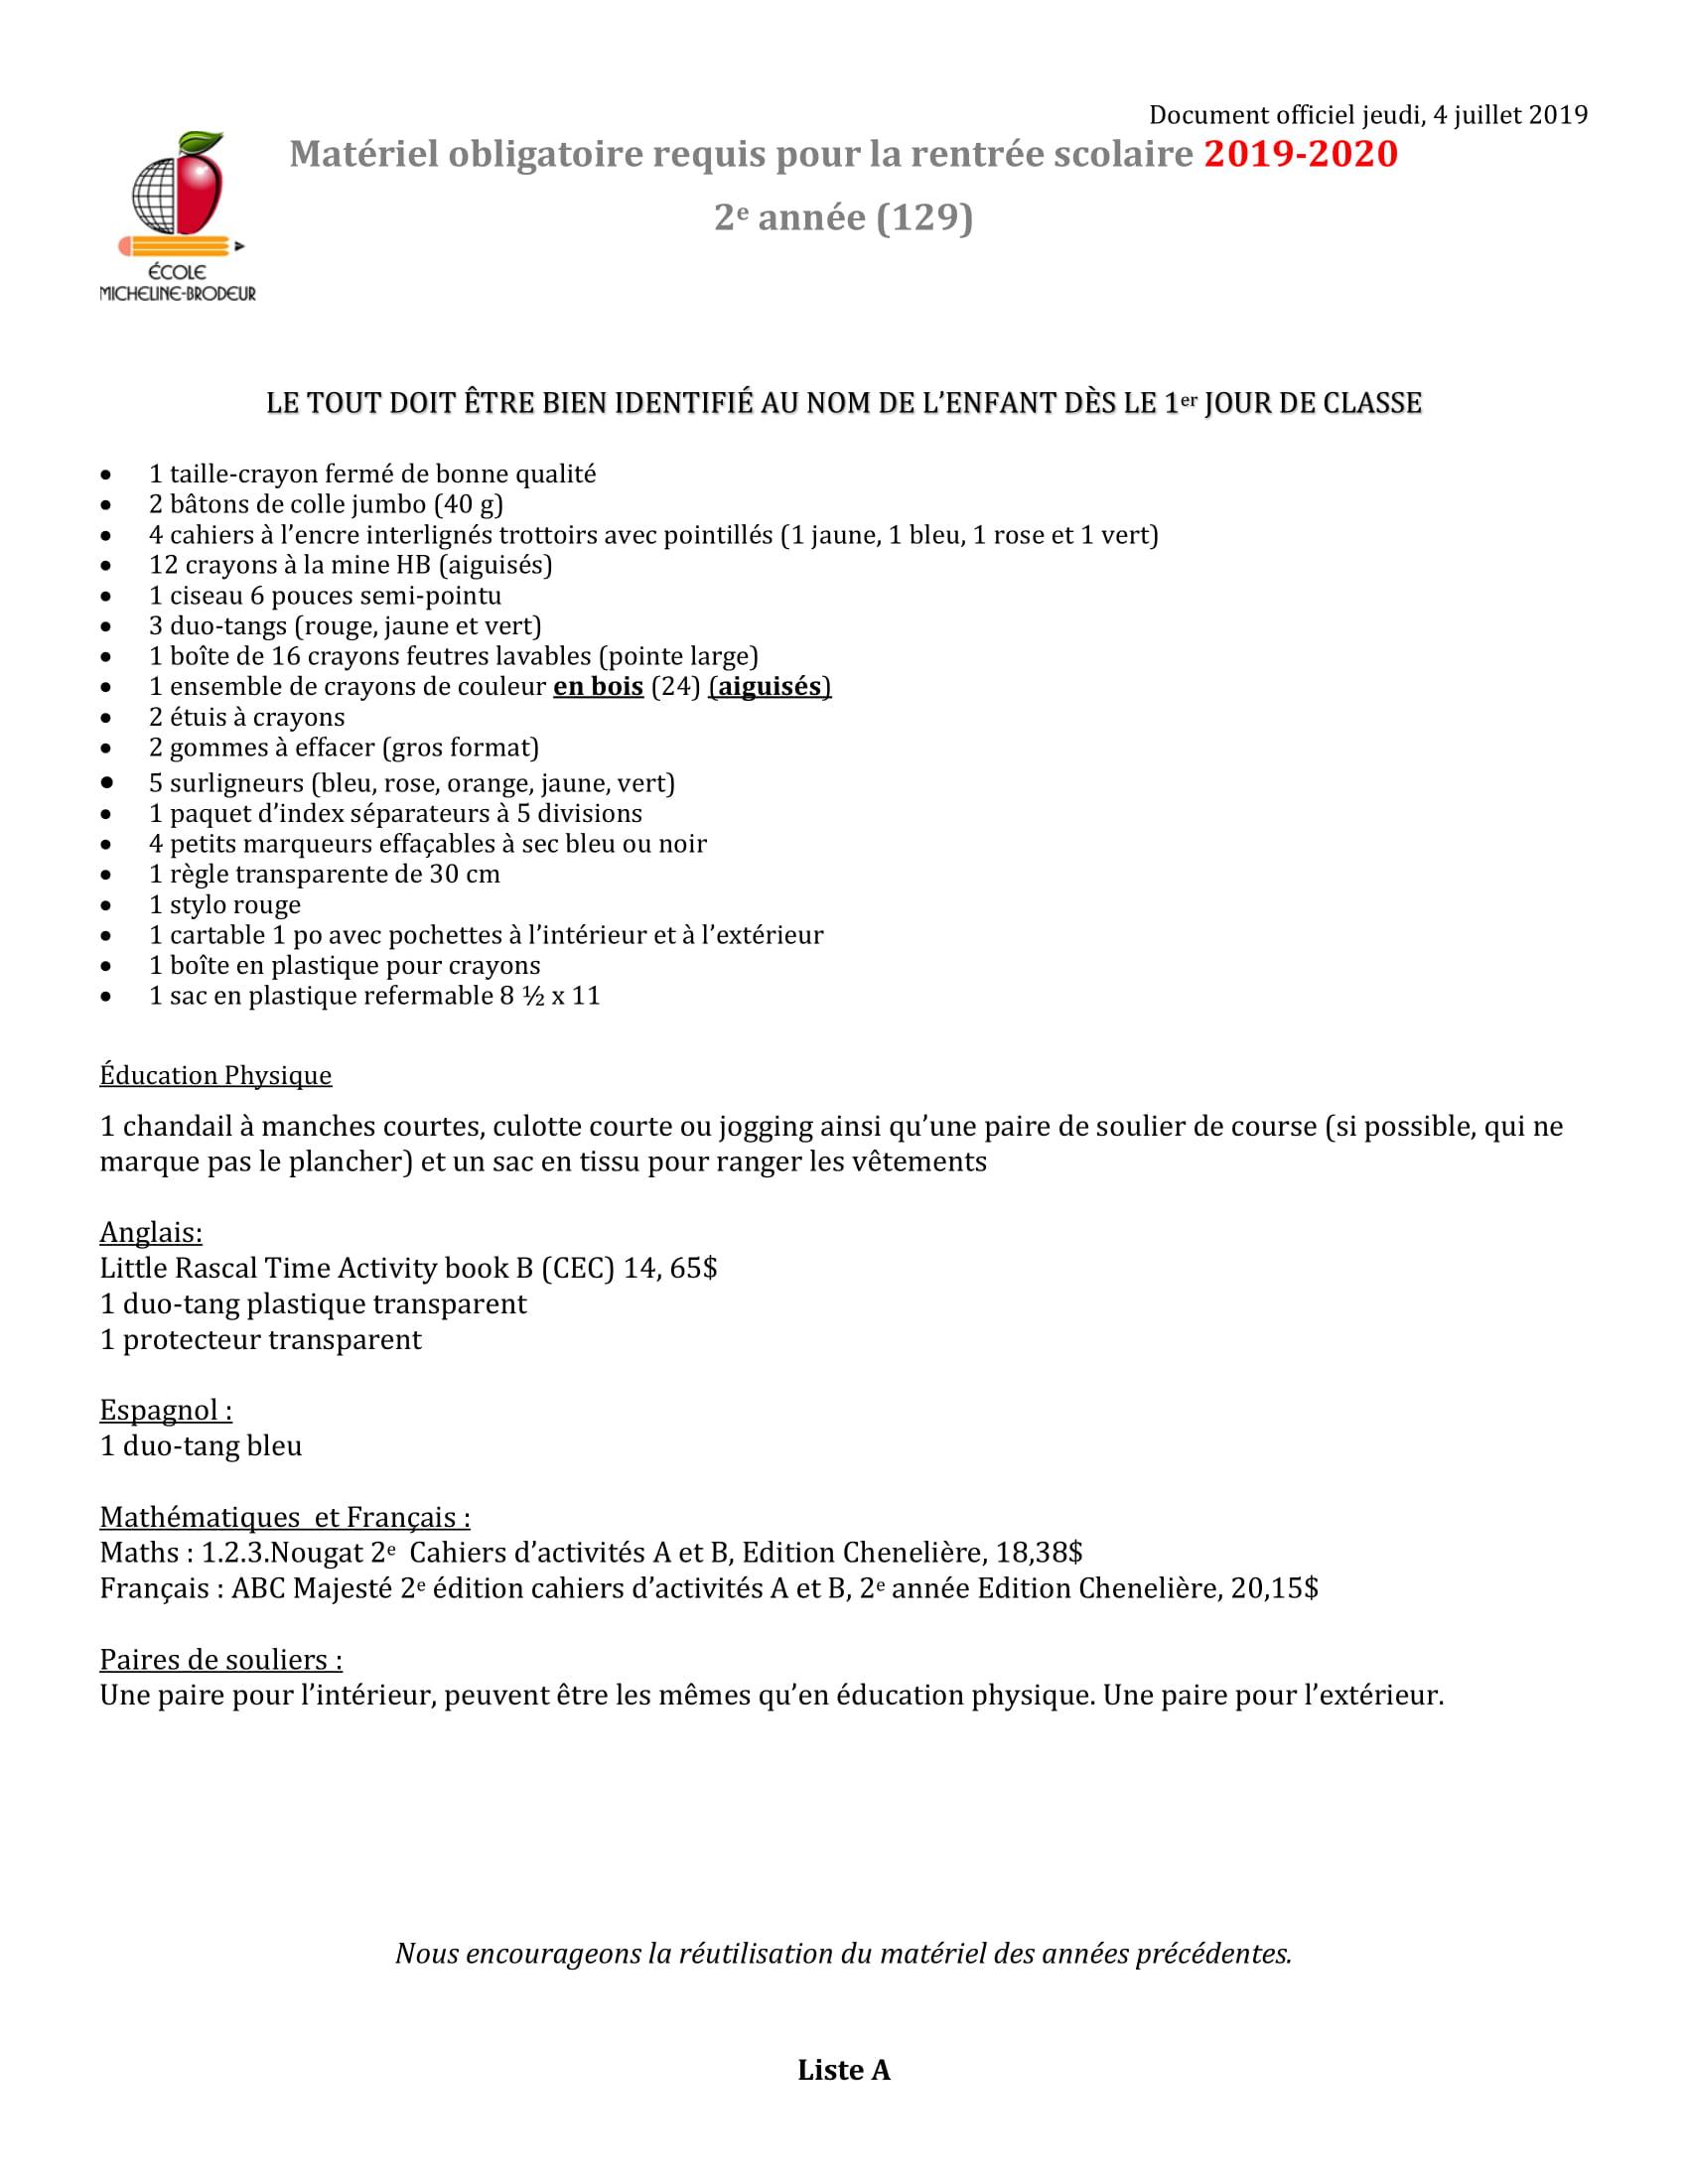 Liste A 2019-2020 pdf-05.jpg